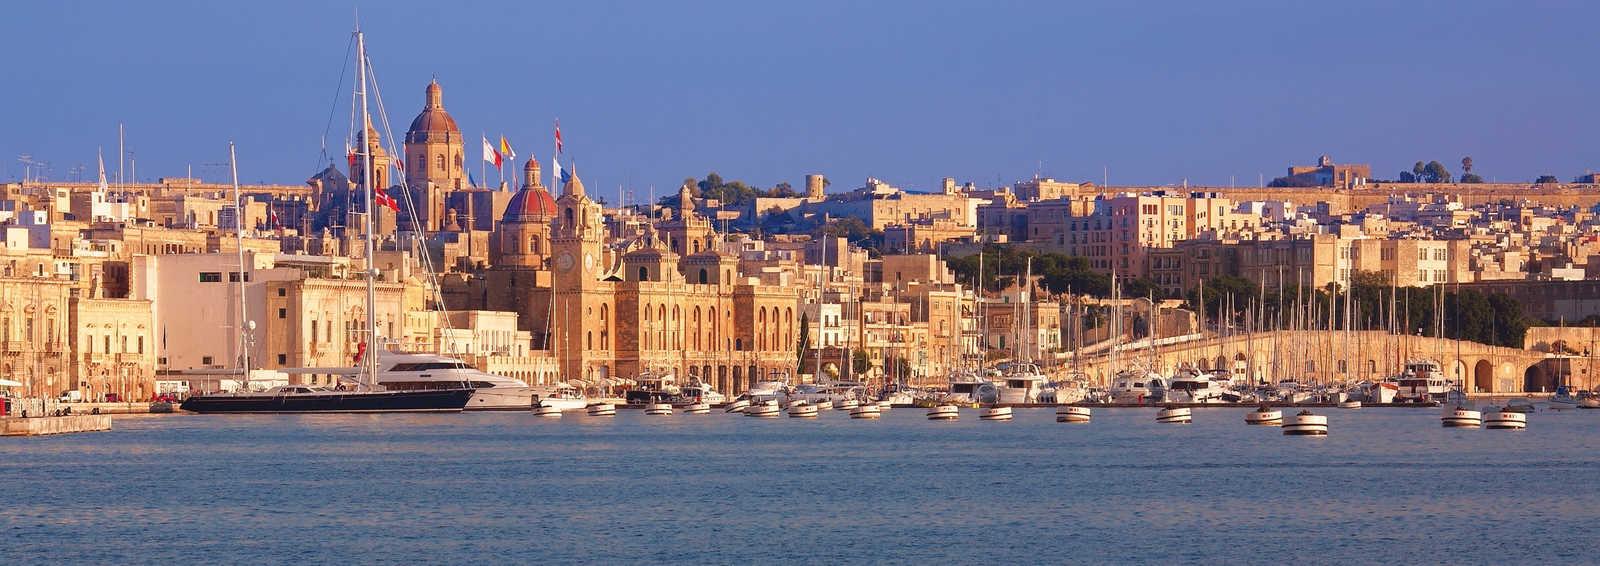 Cityscape from a boat, Malta